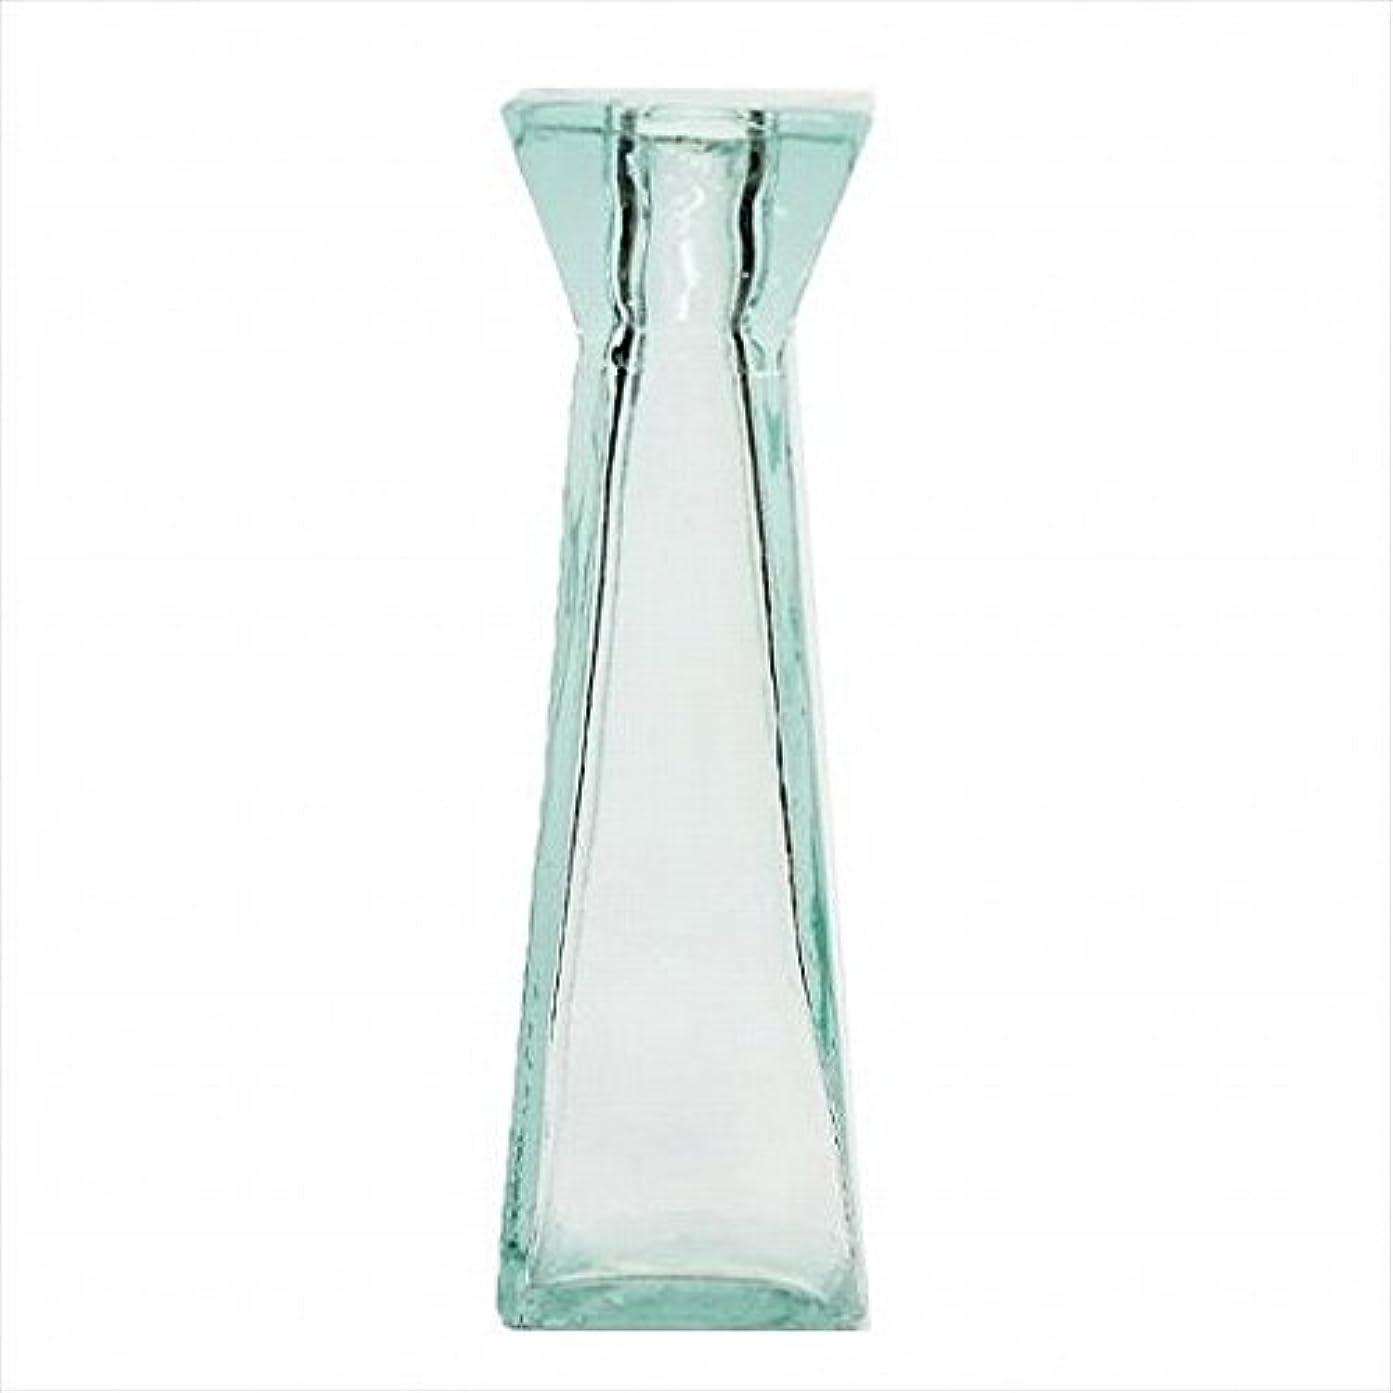 黒くする存在する端kameyama candle(カメヤマキャンドル) オリオンS キャンドル 45x45x150mm (J4010000)